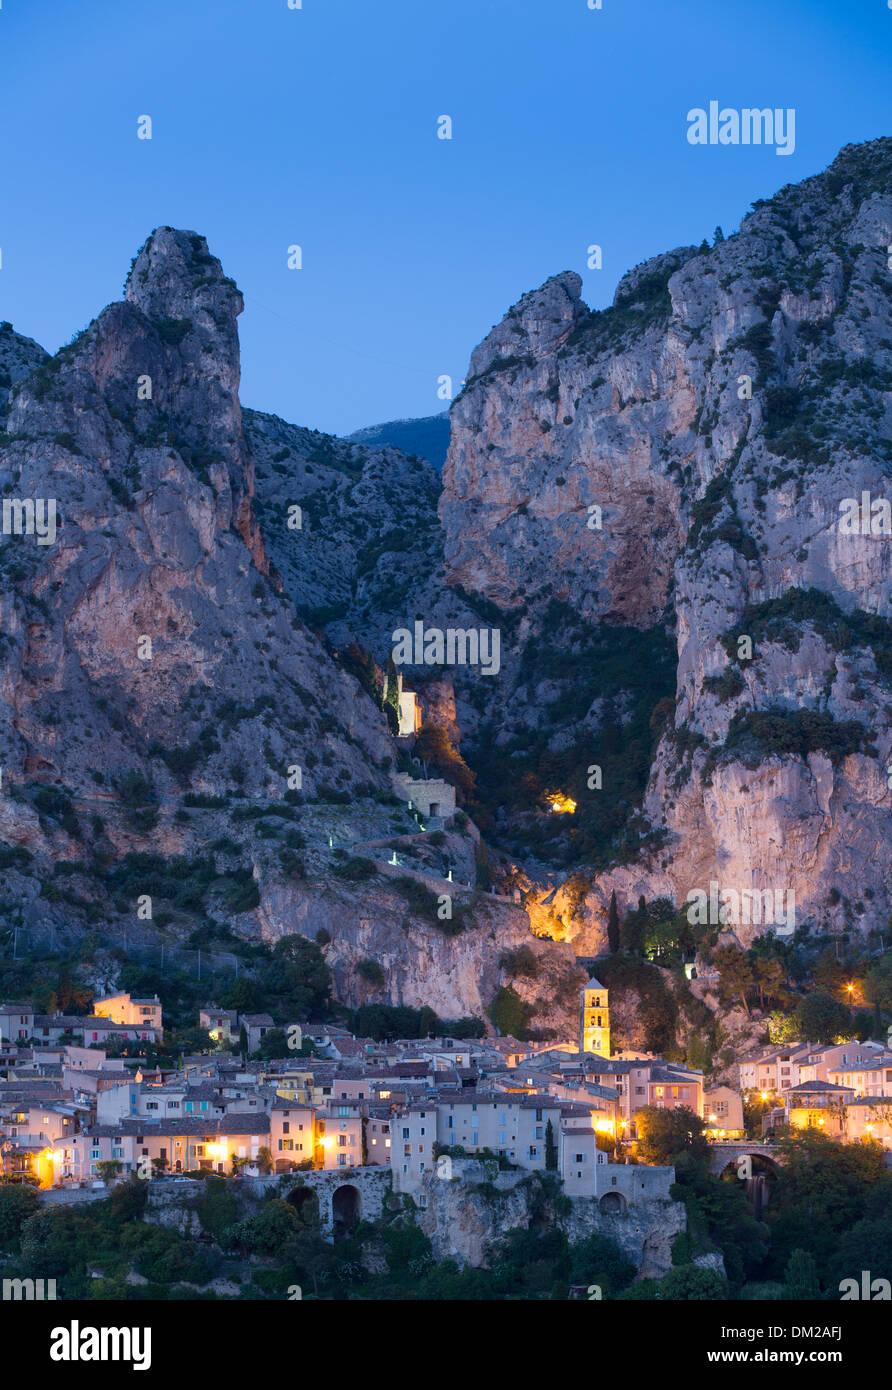 Moustiers-Sainte-Marie at dusk, Alpes-de-Haute-Provence, France Stock Photo